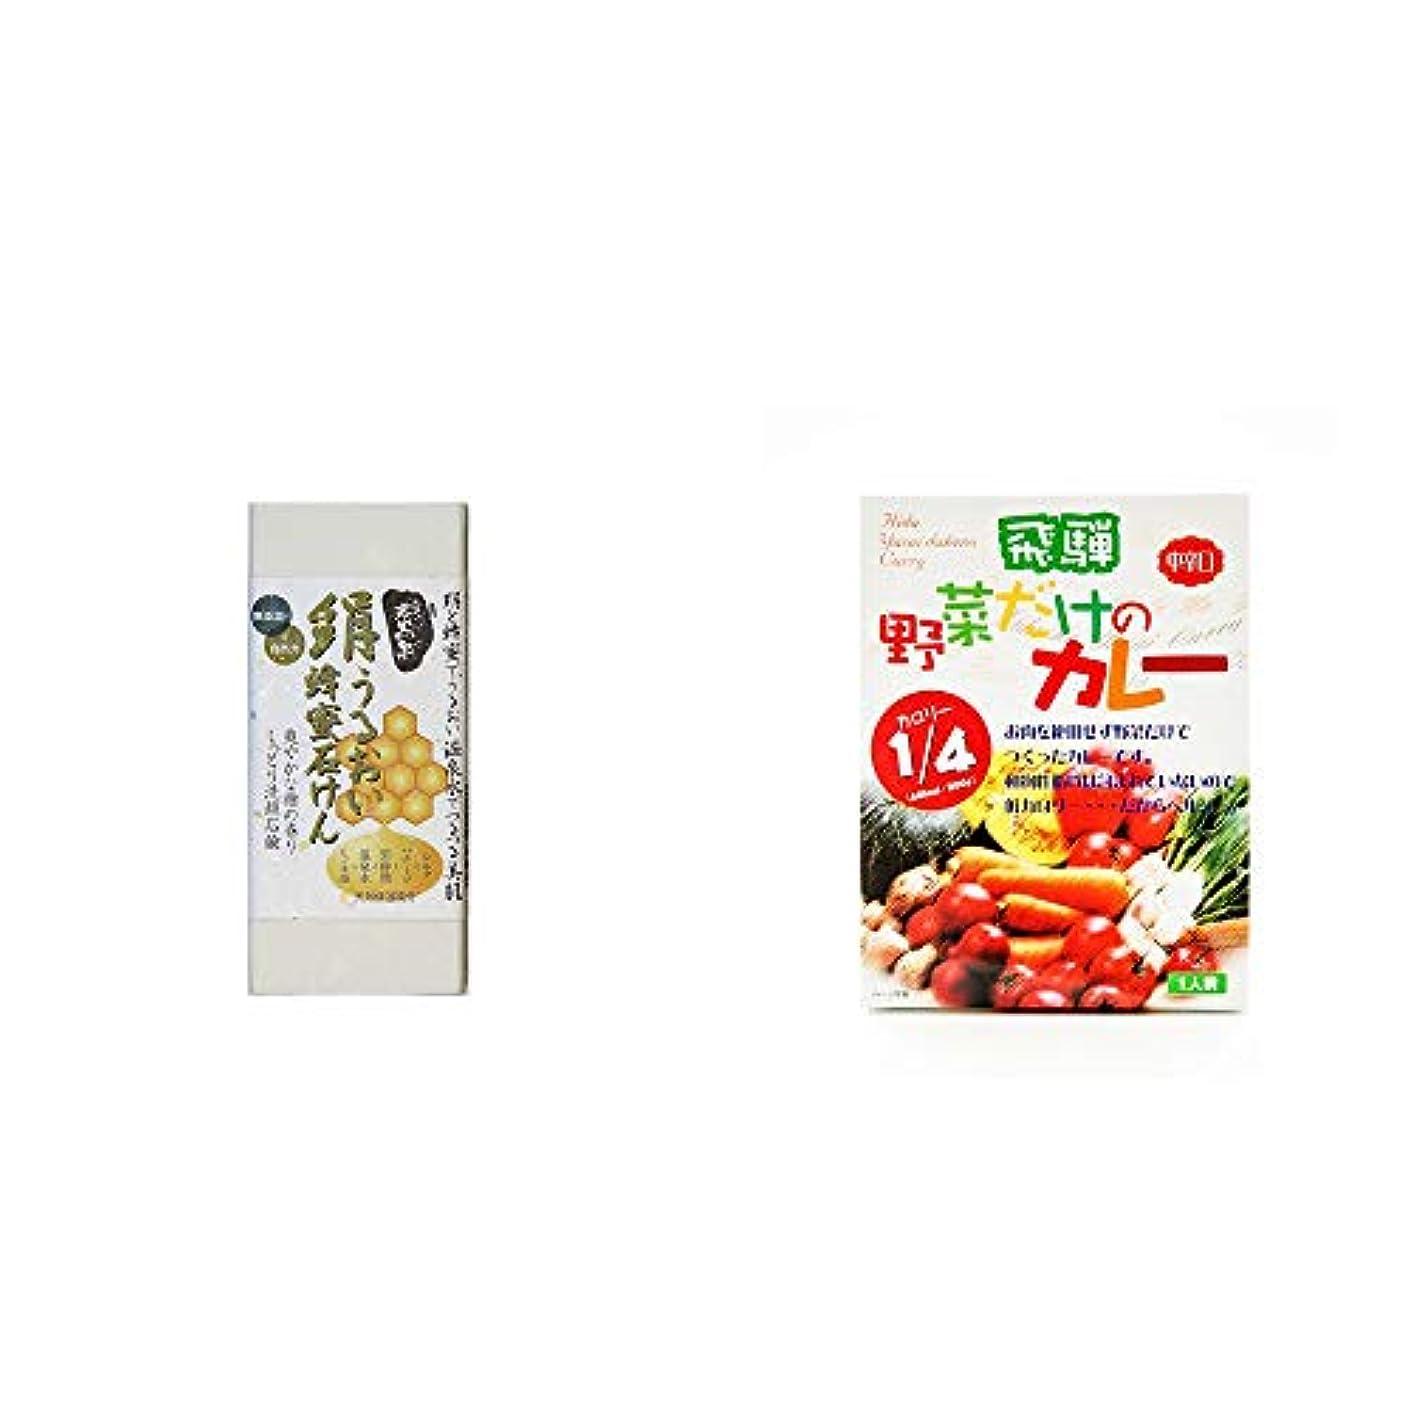 酸度ソーシャル意図[2点セット] ひのき炭黒泉 絹うるおい蜂蜜石けん(75g×2)?天領食品 野菜だけのカレー 【中辛口】 (1食分)